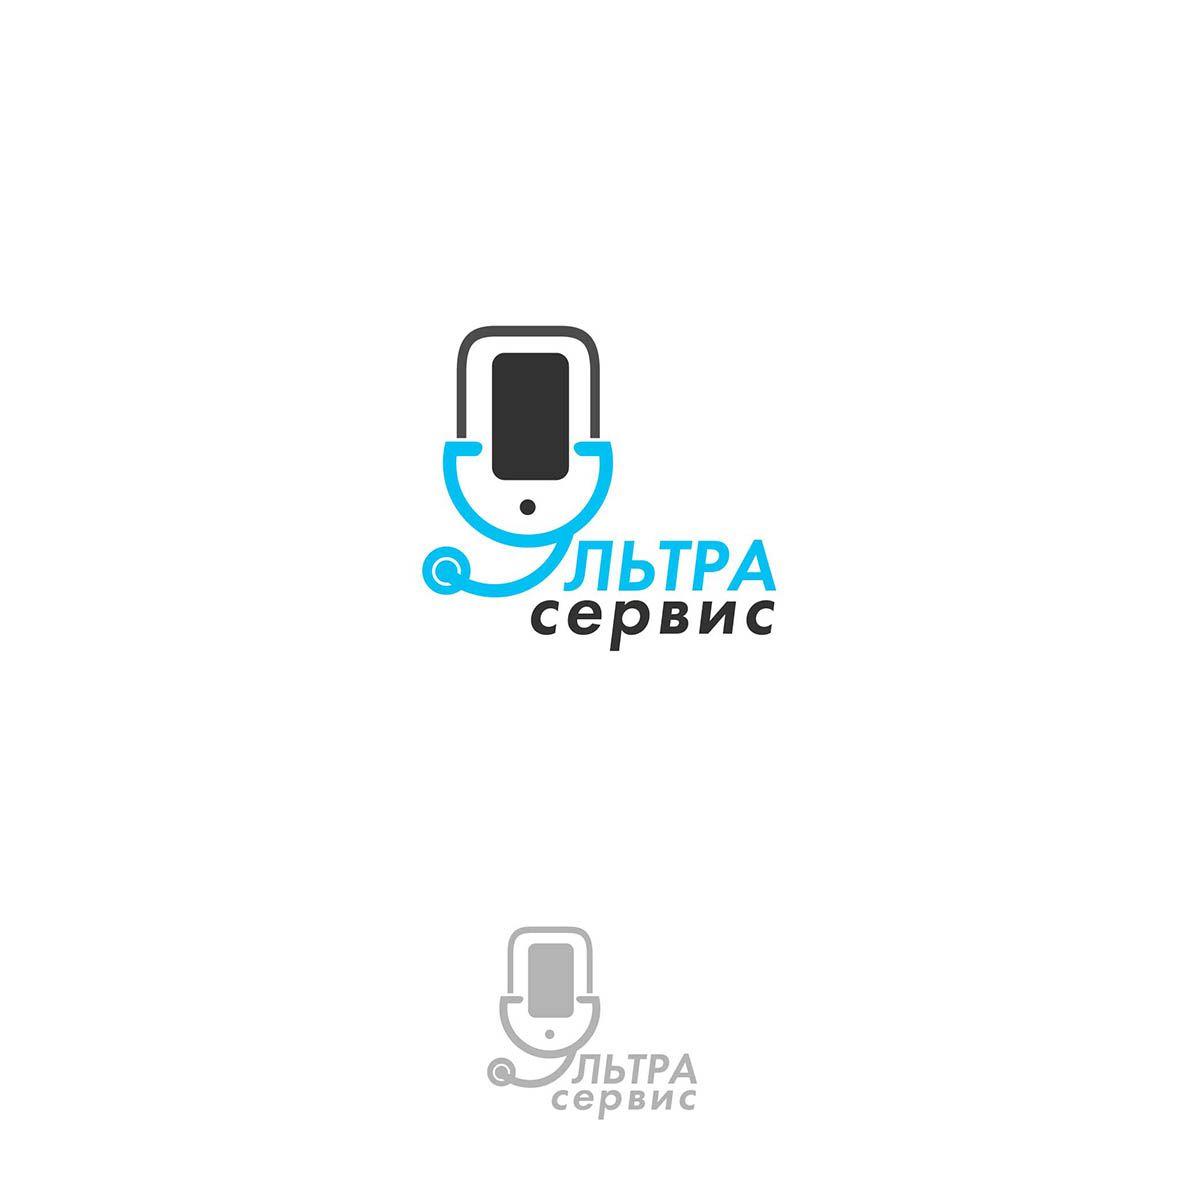 Логотип и фирменный стиль сервисного центра - дизайнер AngelinaNew